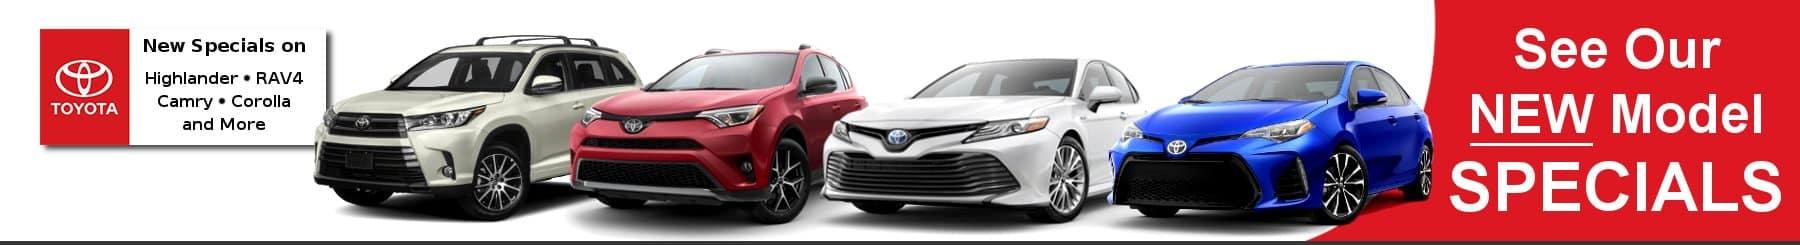 New 2018 Toyota Model Specials